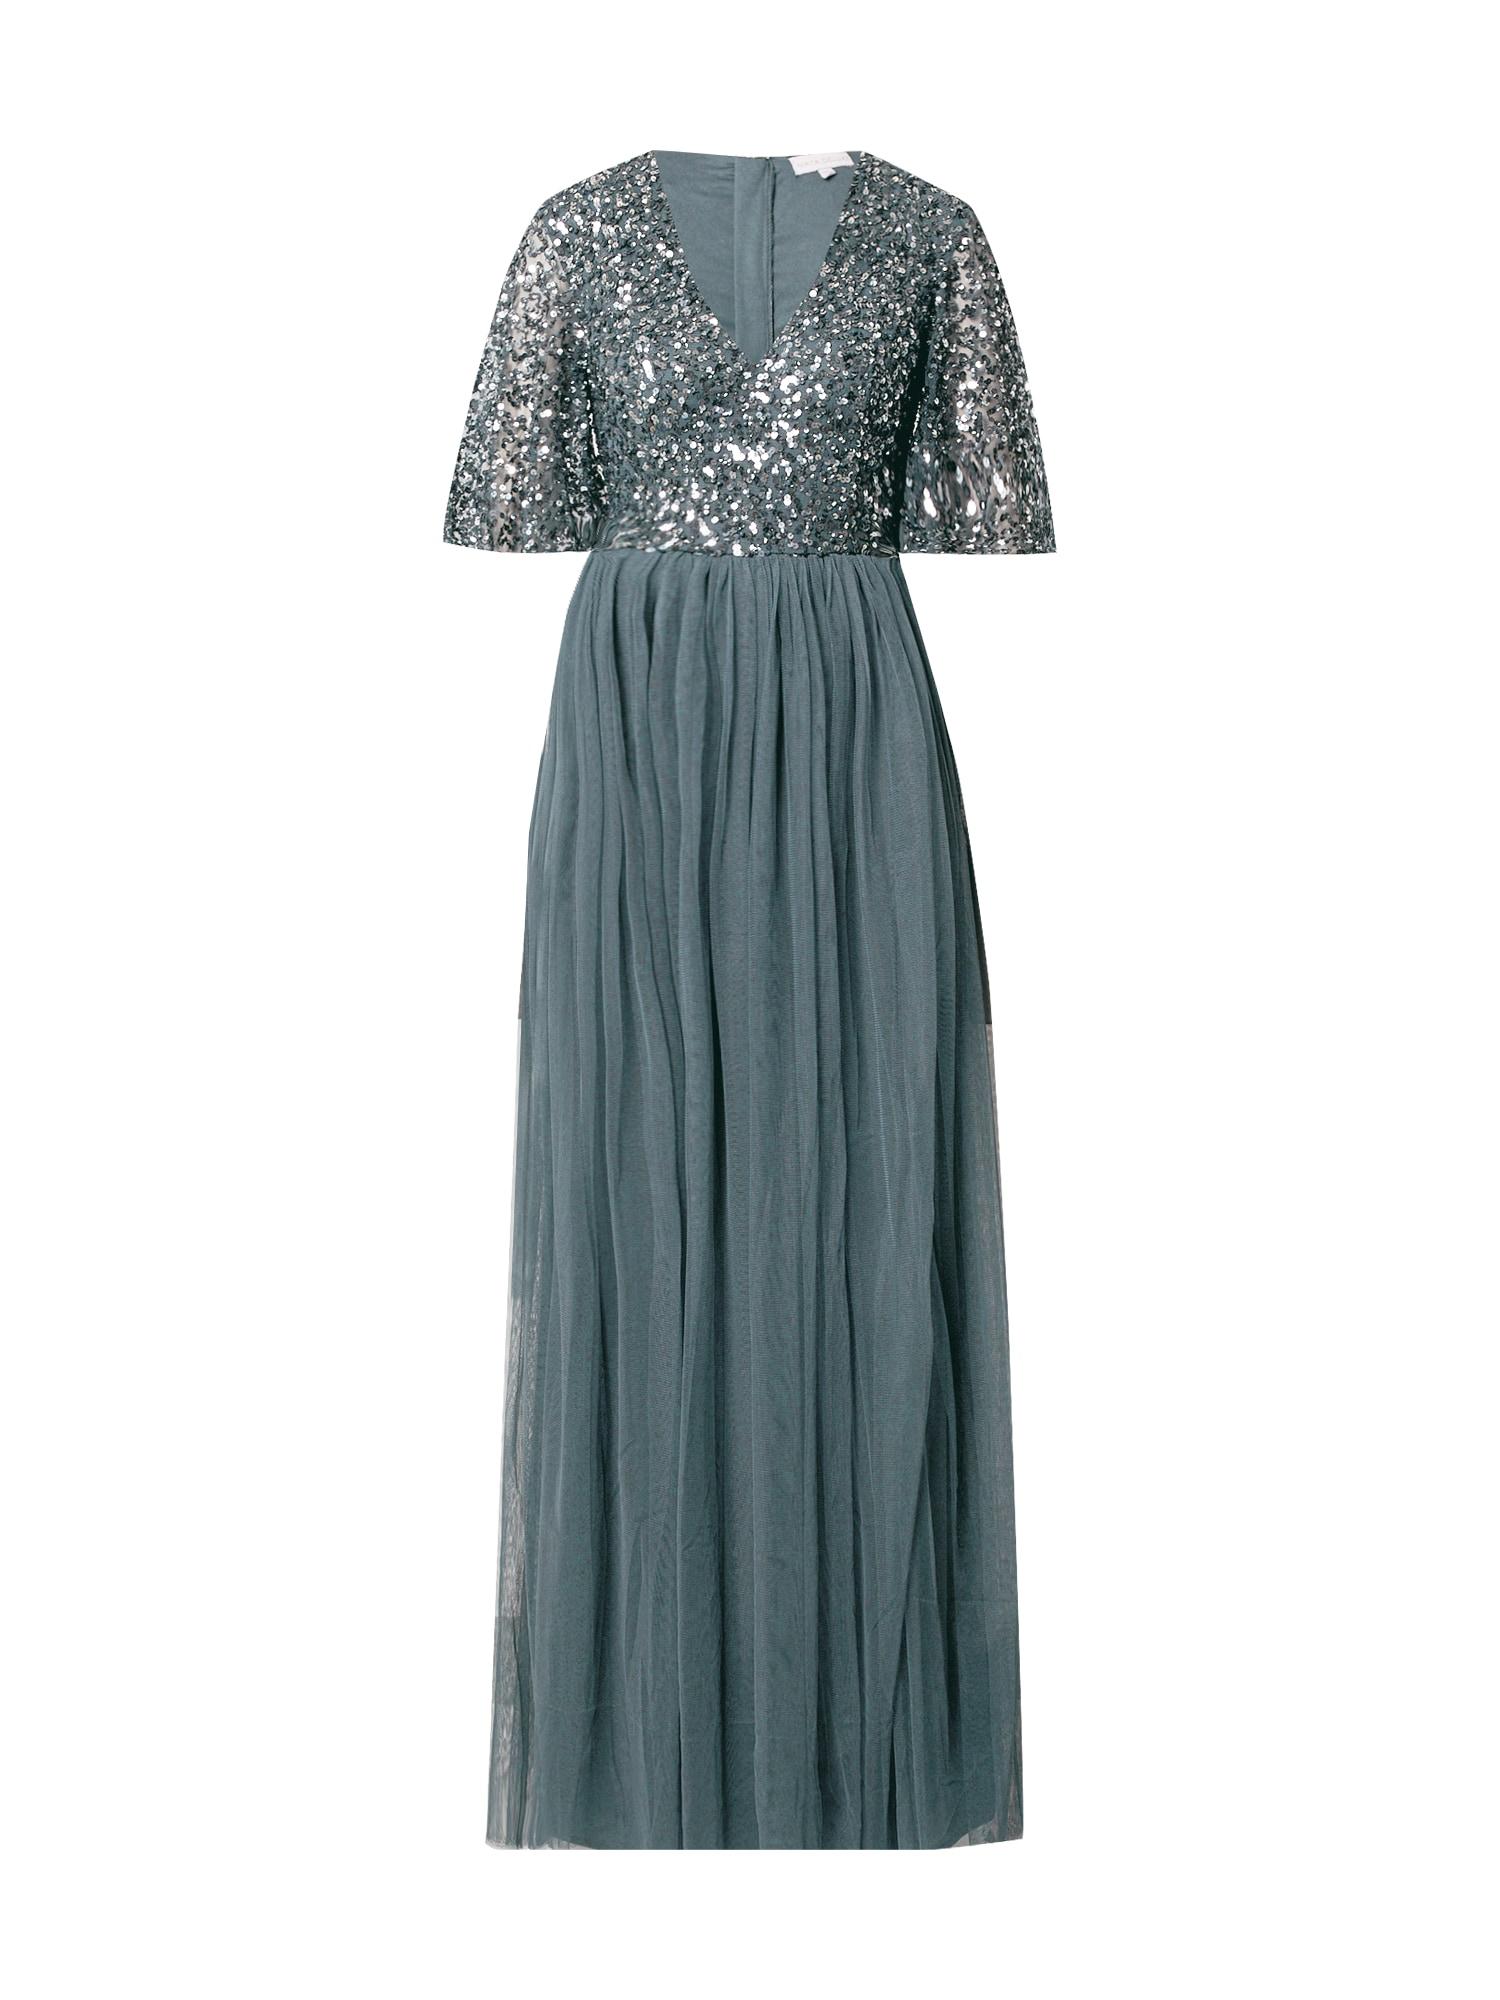 Maya Deluxe Vakarinė suknelė rausvai pilka